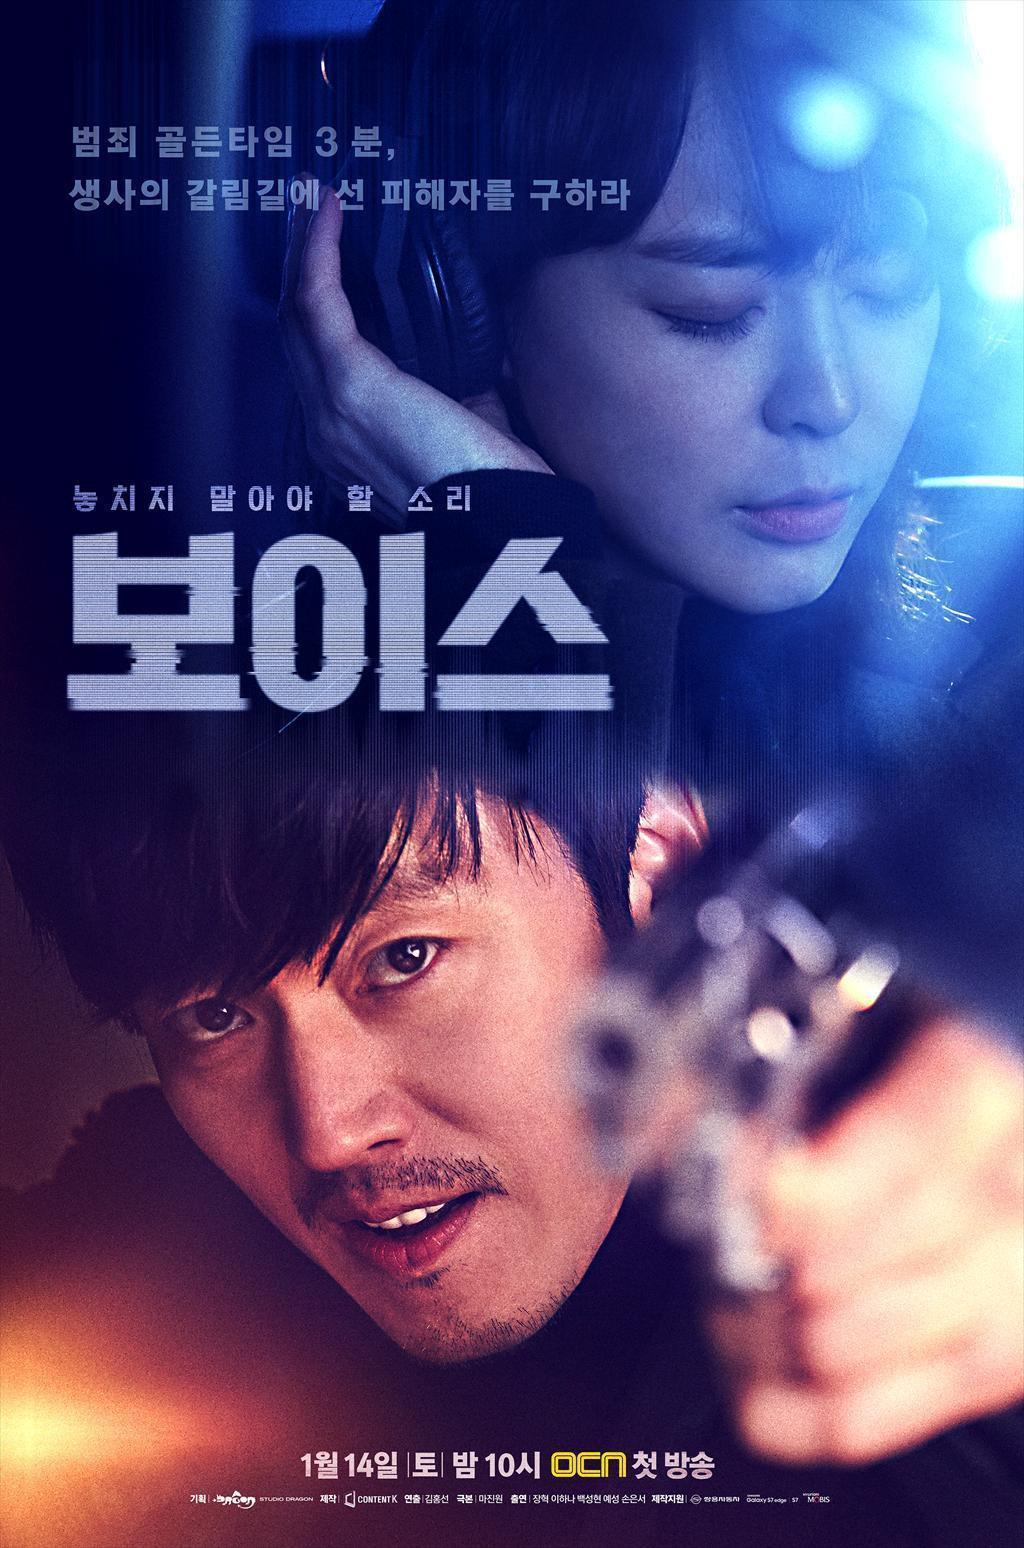 Điểm mặt 13 phim truyền hình Hàn Quốc được chờ đợi nhất trong năm 2018 - Ảnh 12.